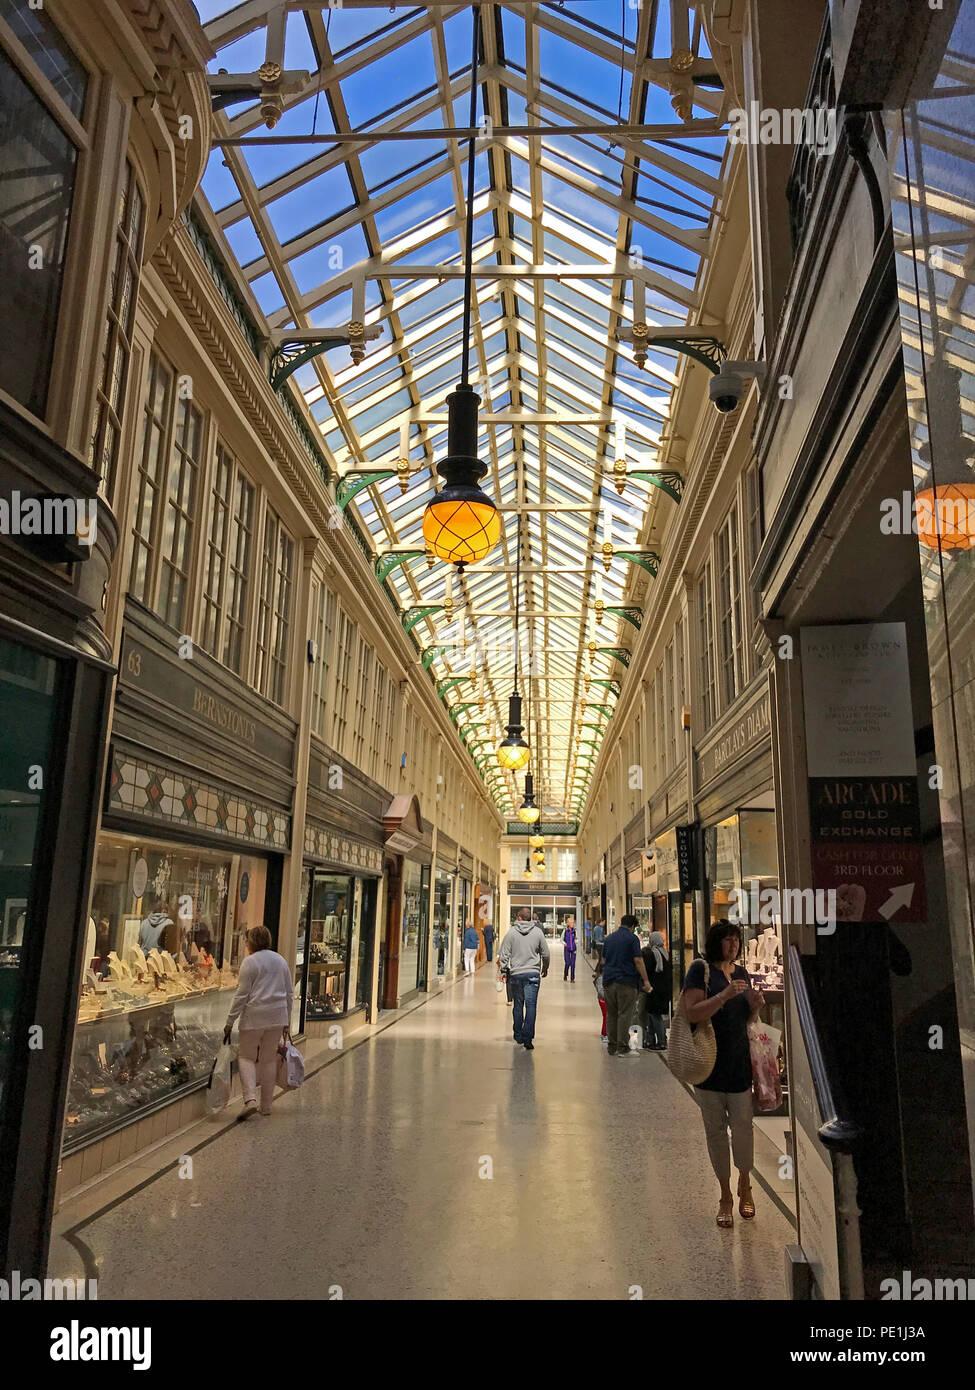 Laden Sie dieses Alamy Stockfoto Argyll Arcade, Argyll Street, Glasgow, Strathcylde, Schottland, Großbritannien - PE1J3A